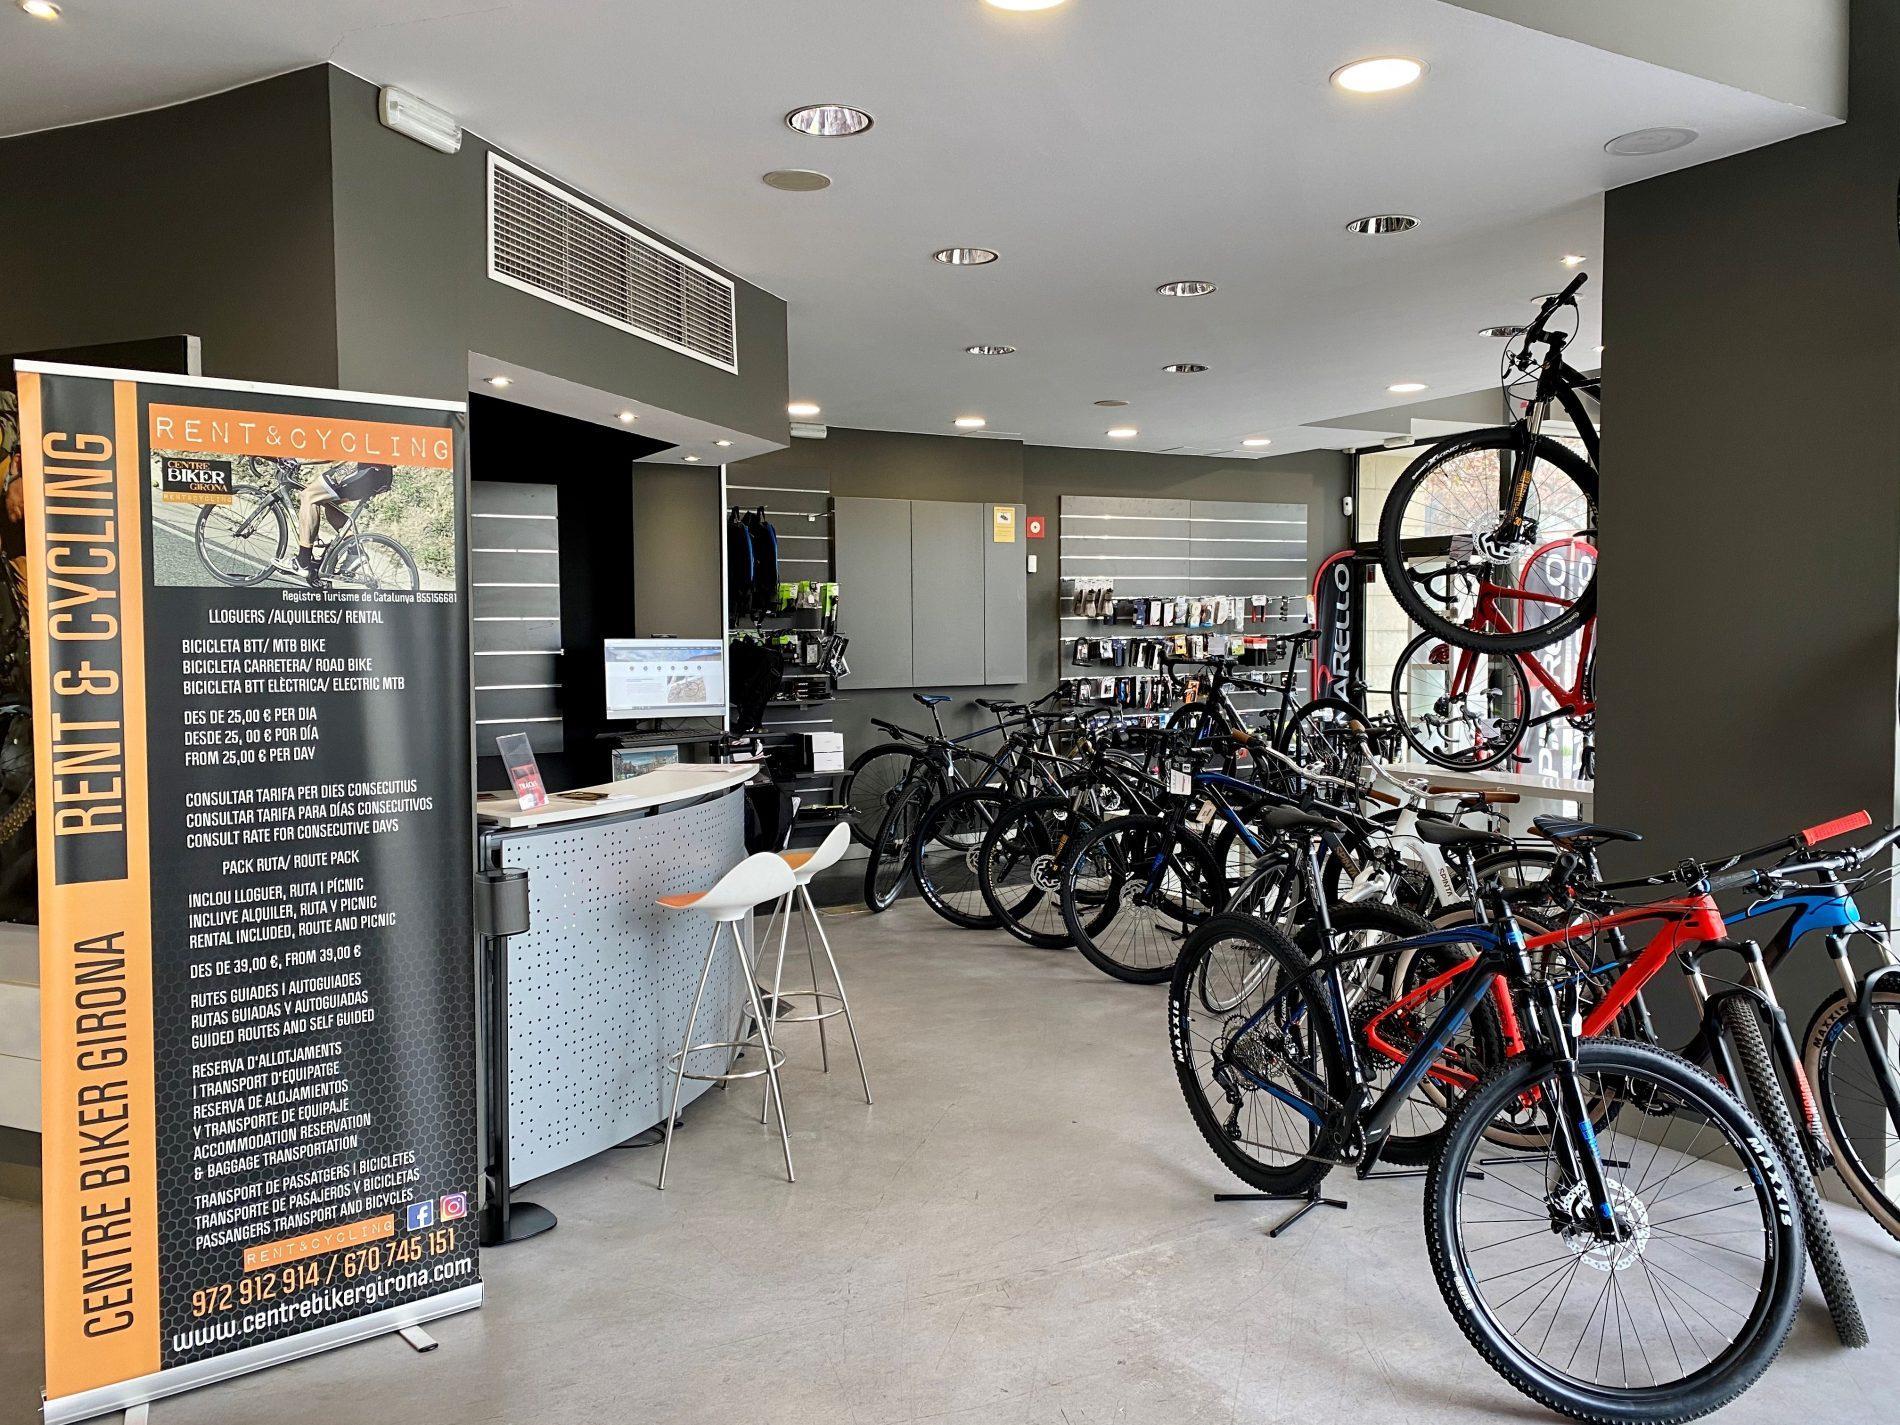 imatge de l'interior de la botiga centre biker